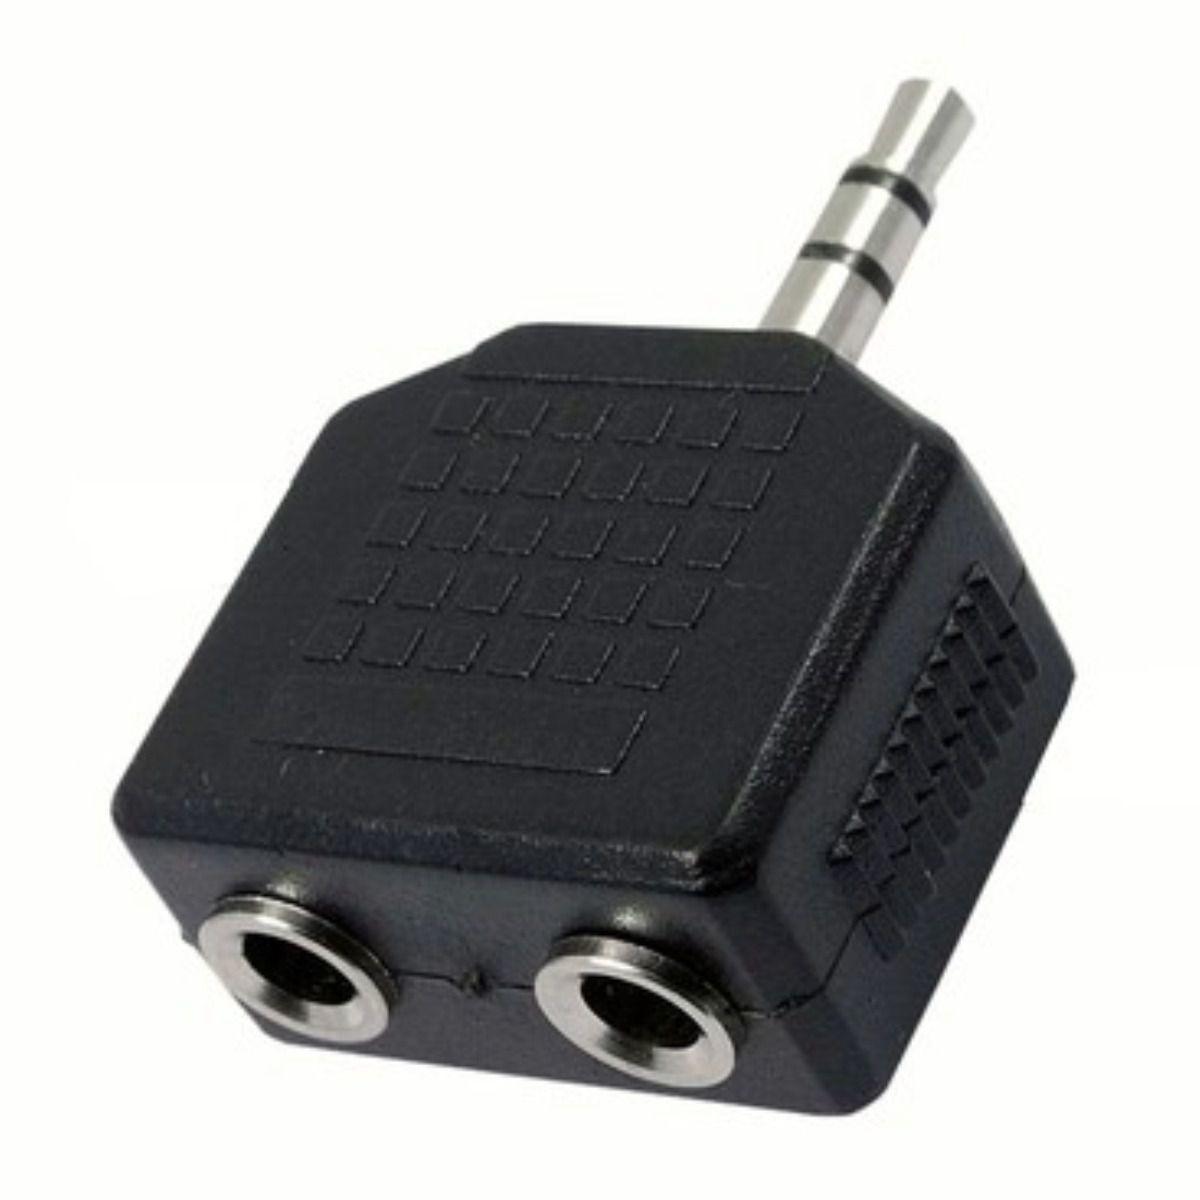 Adaptador De Áudio 1 P2 Macho Para 2 P2 Femea